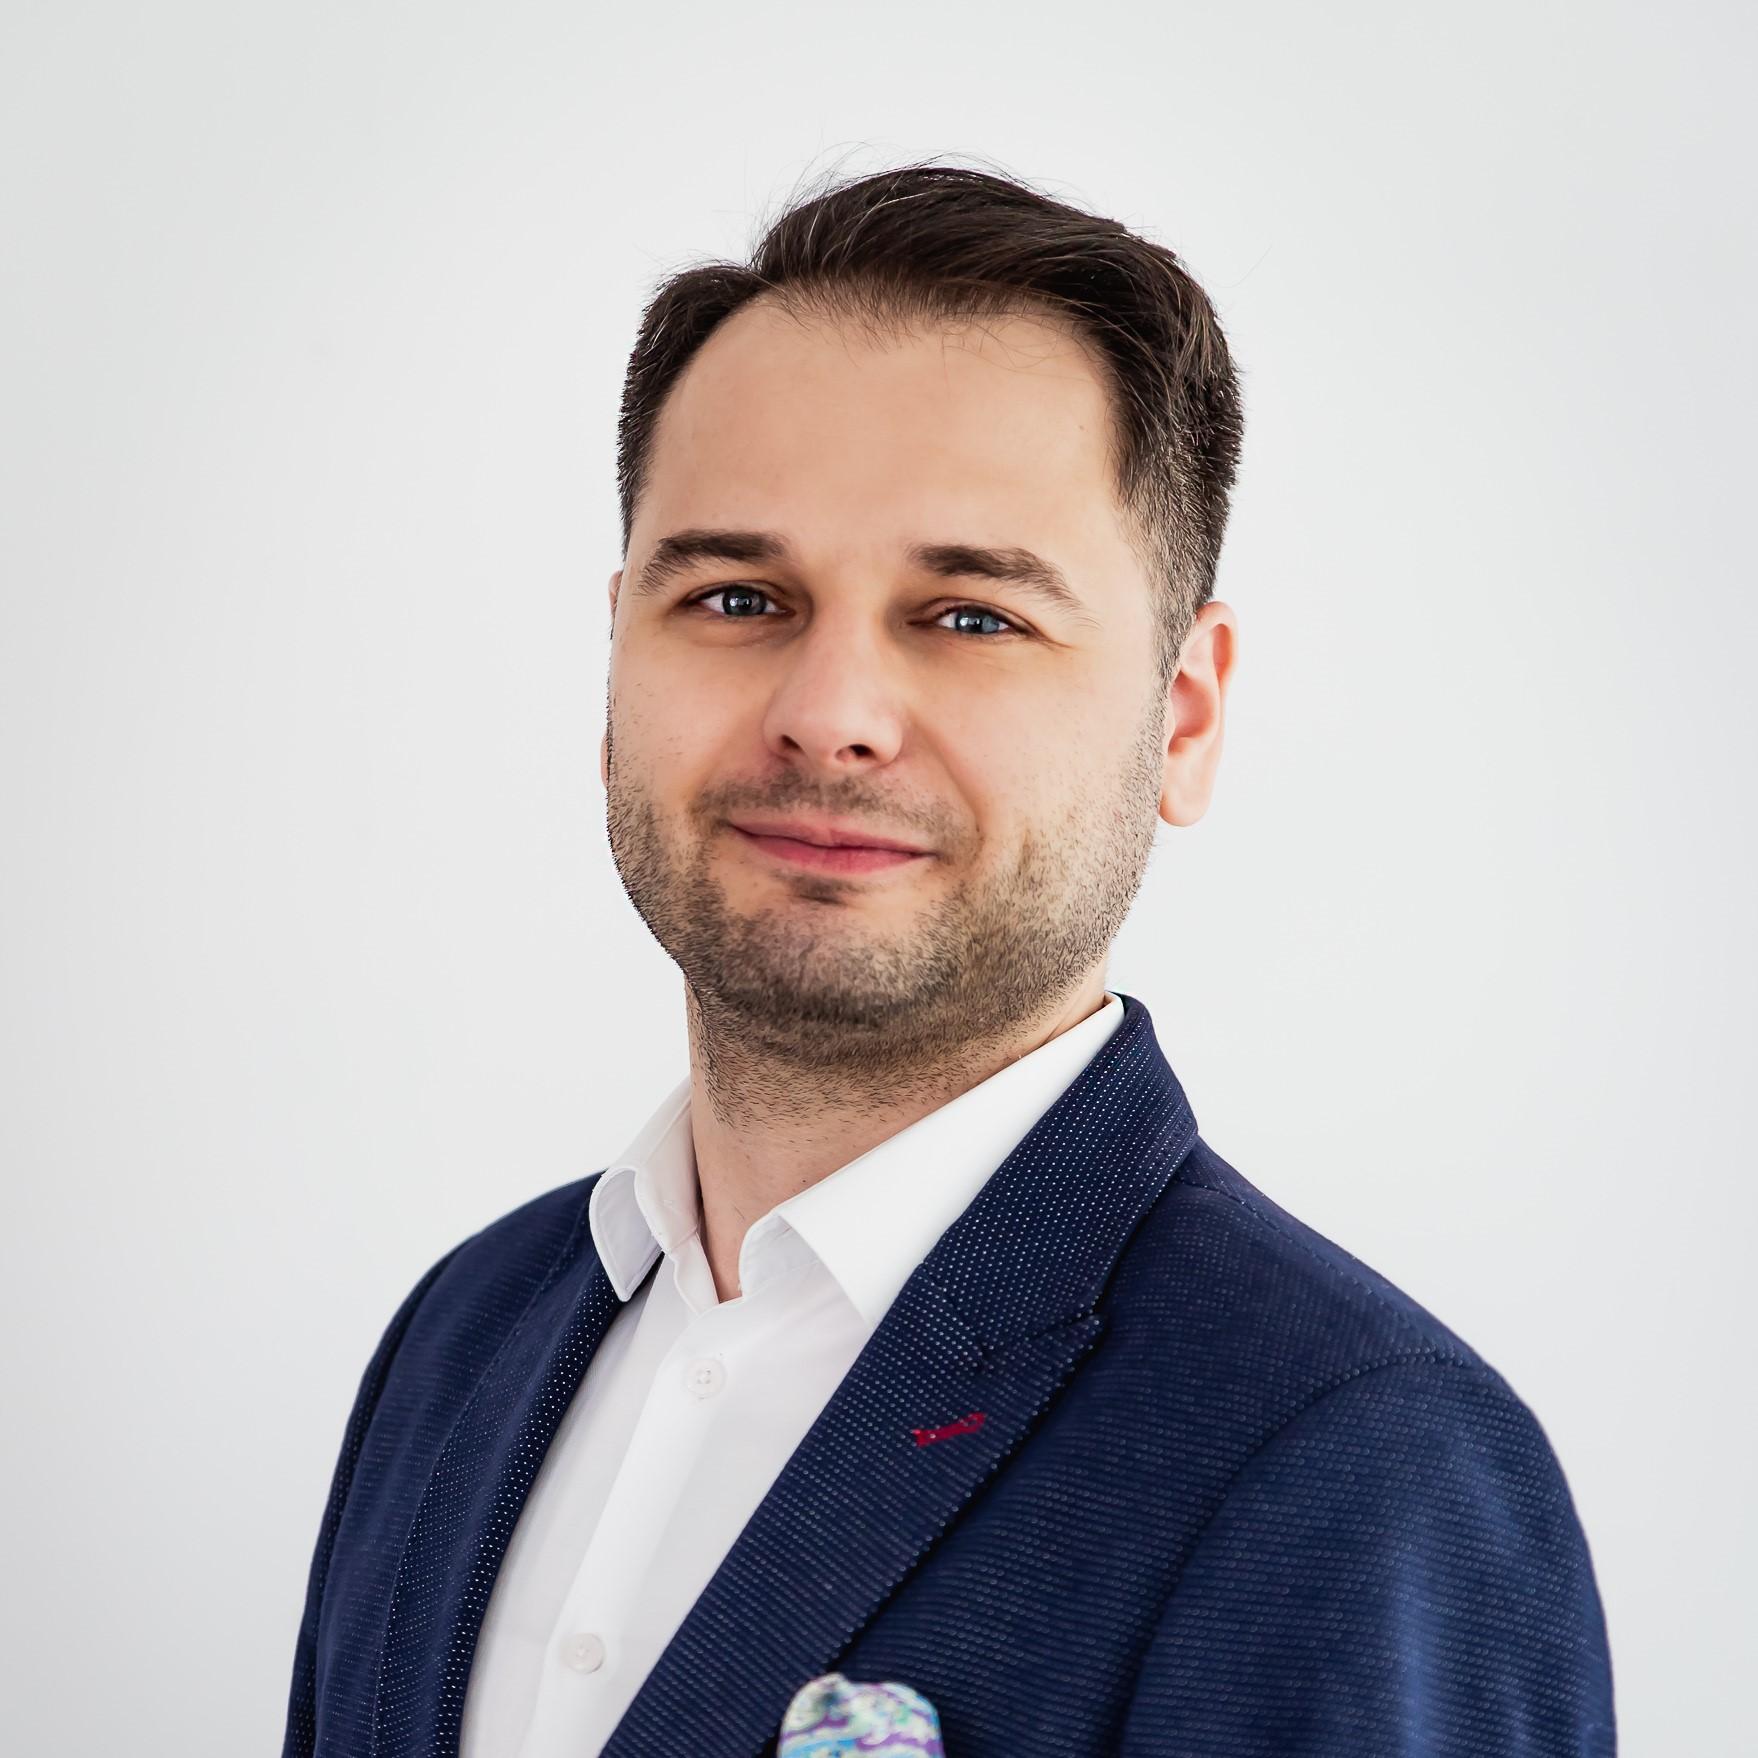 Mariusz Cierliński